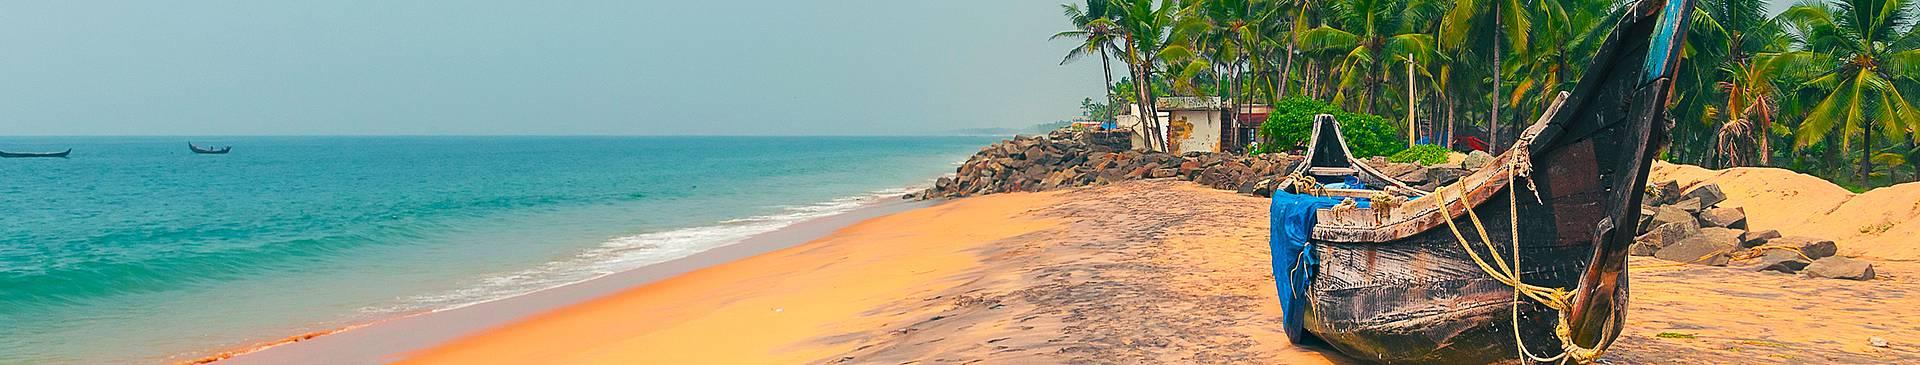 Strand und Meer Indien Reisen